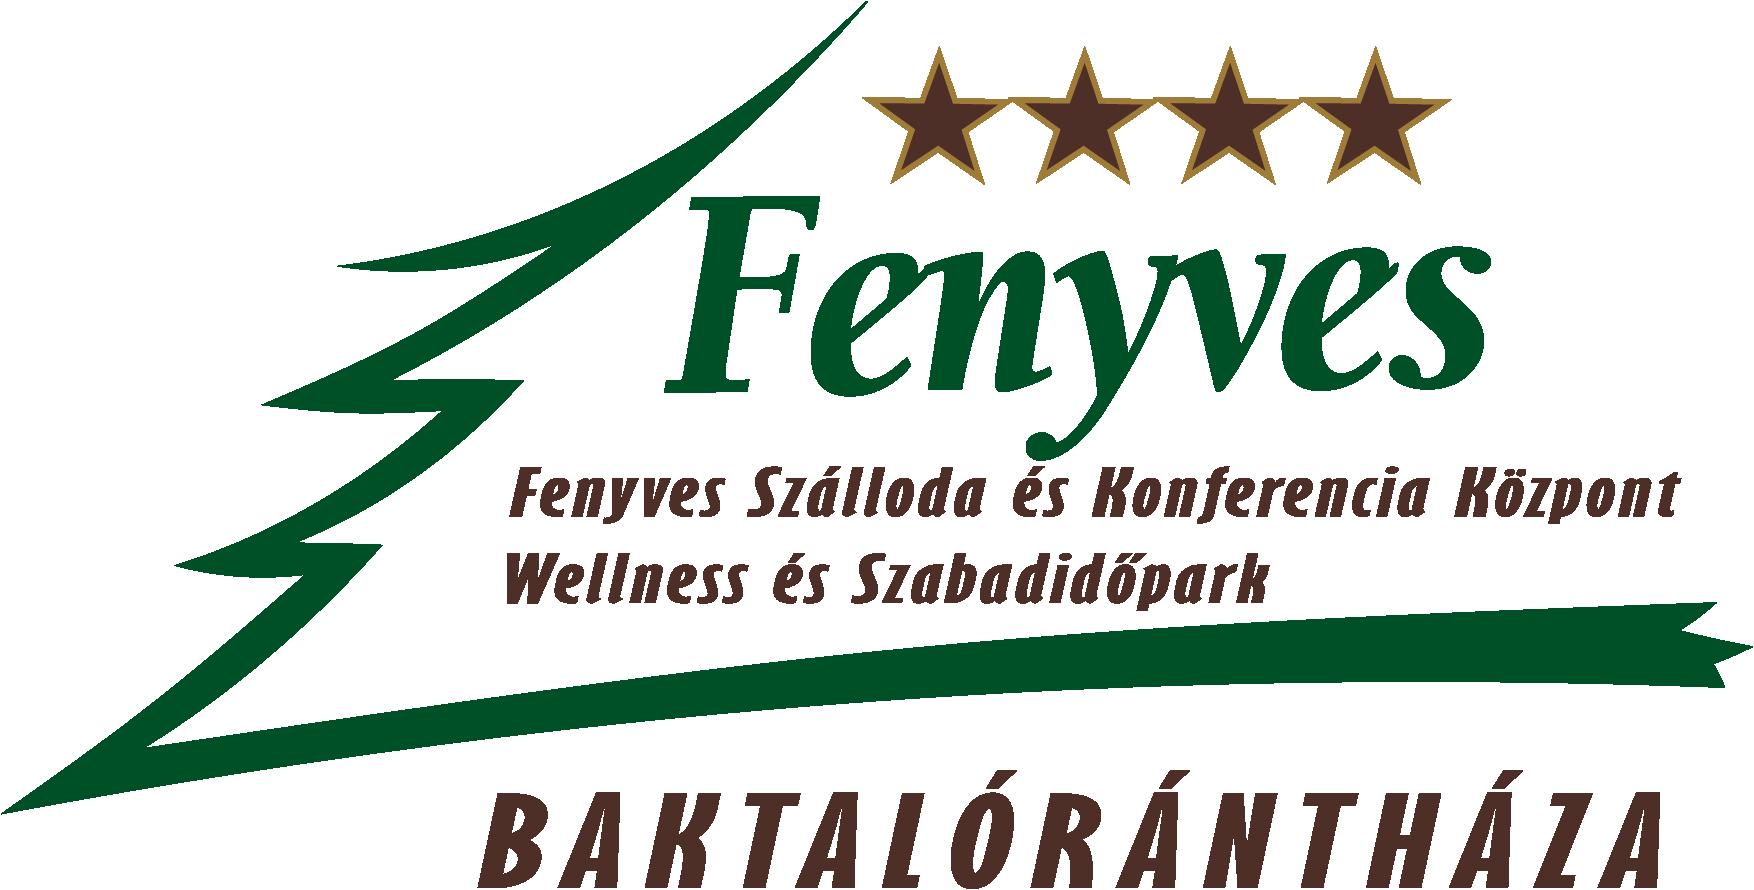 Fenyves logo